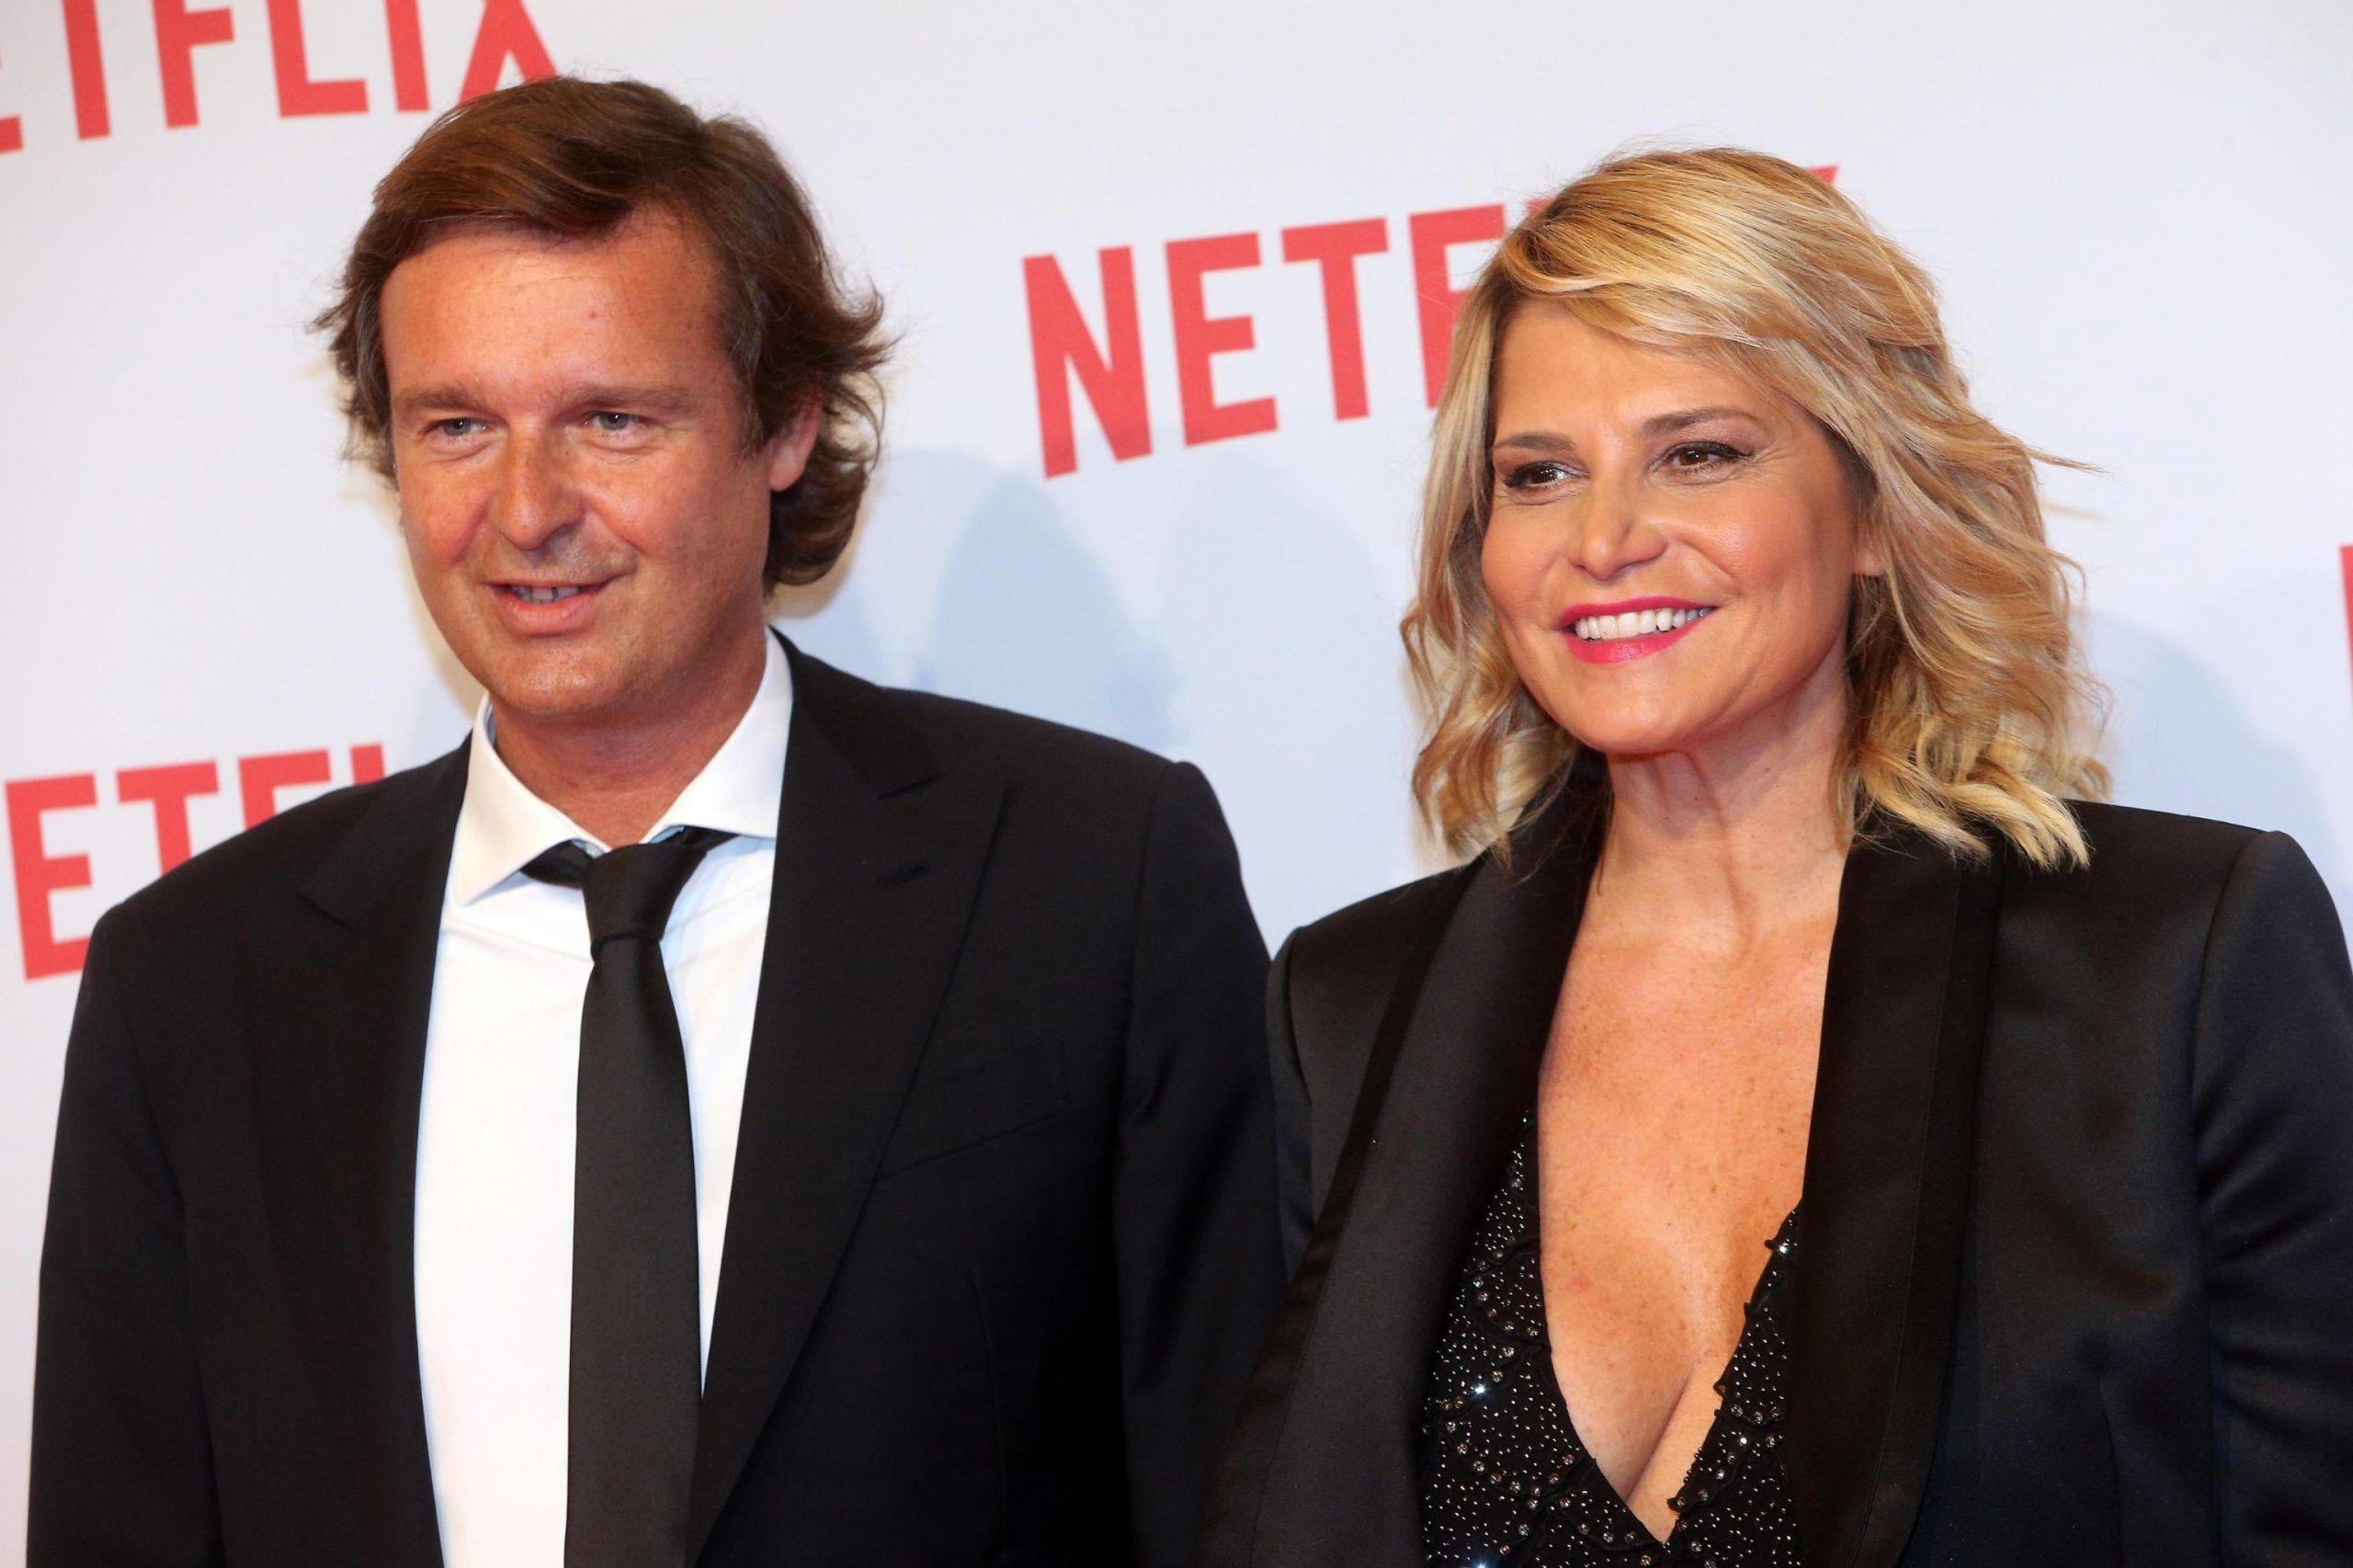 Simona Ventura e Gerò Carraro si sono lasciati